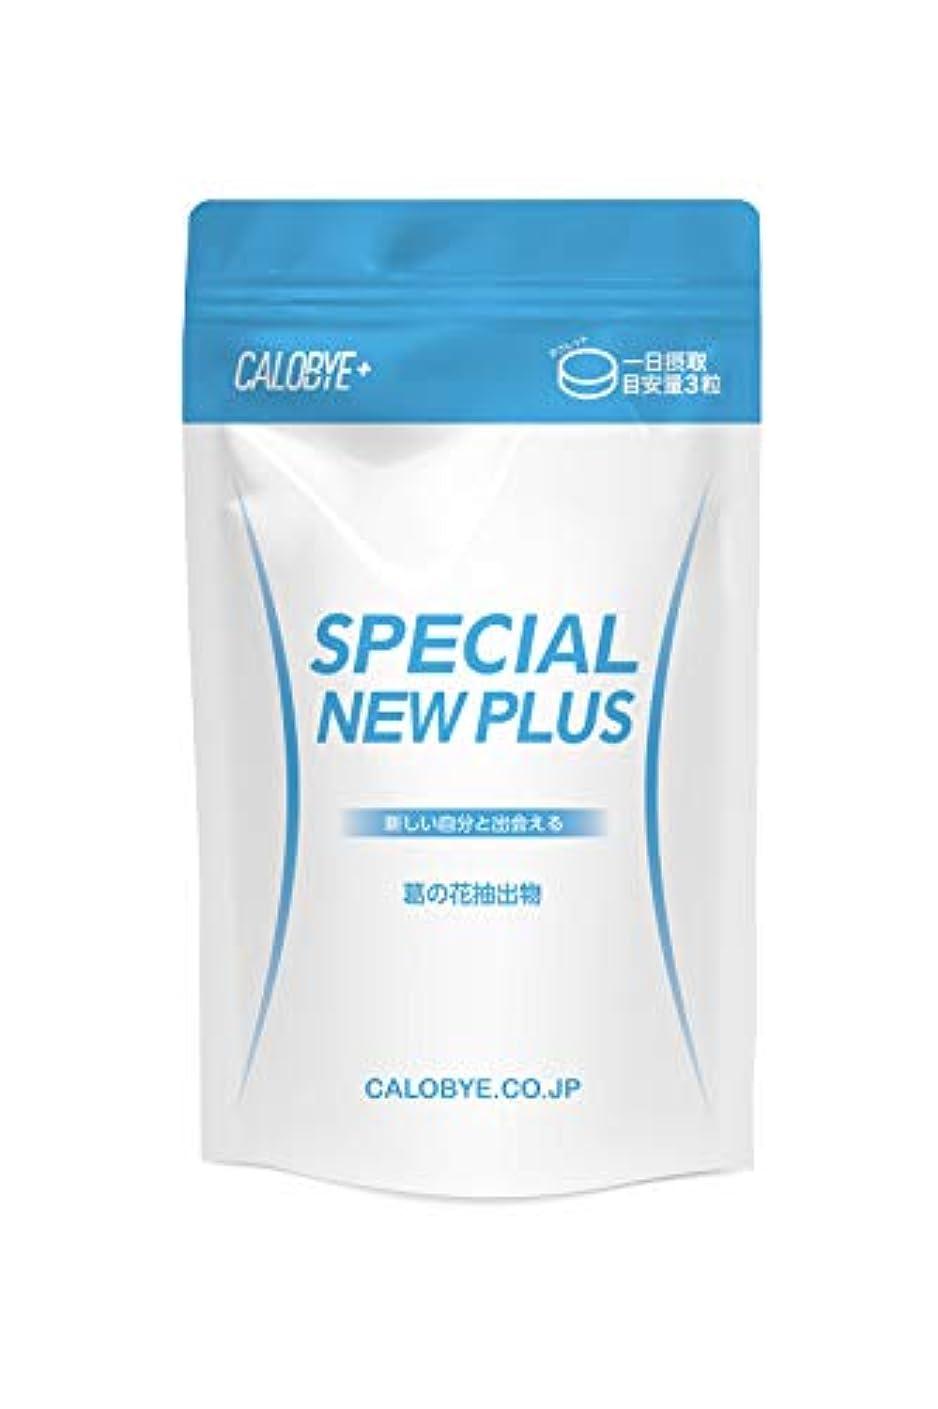 繊毛パートナー祈り【カロバイプラス公式】CALOBYE+ Special New Plus(カロバイプラス?スペシャルニュープラス) …